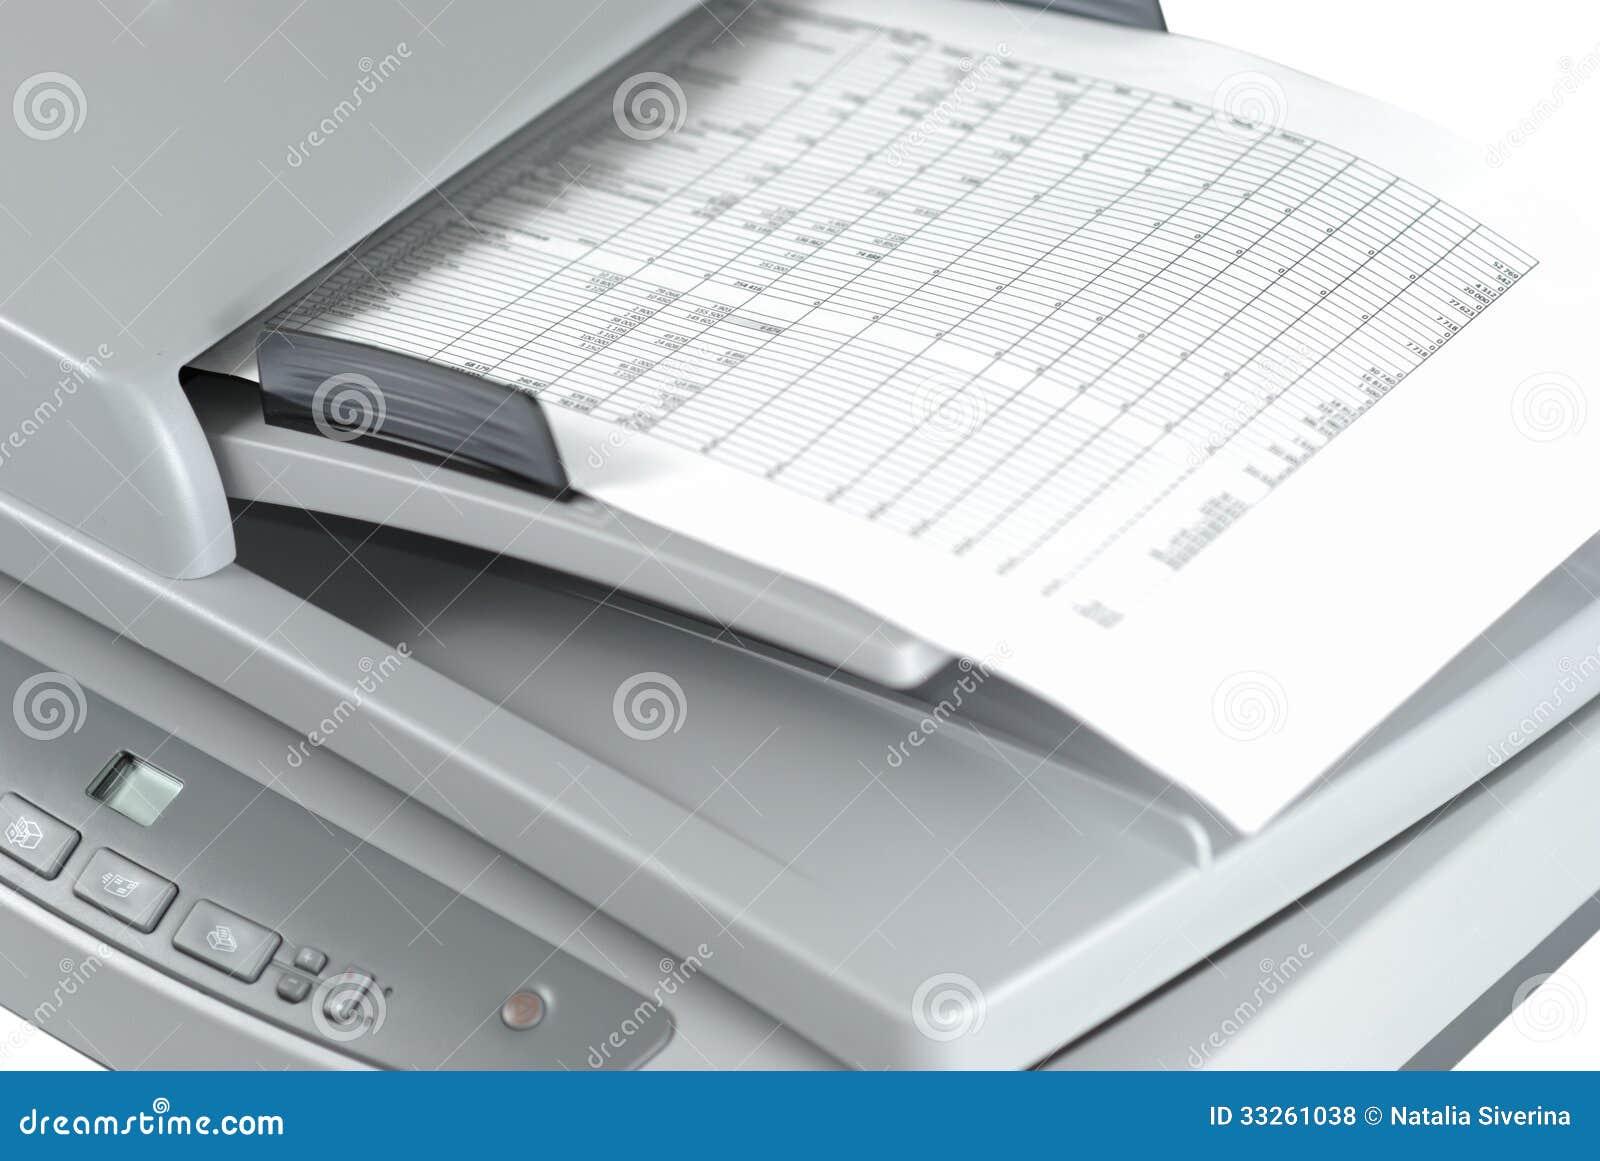 Scanner mit Dokument